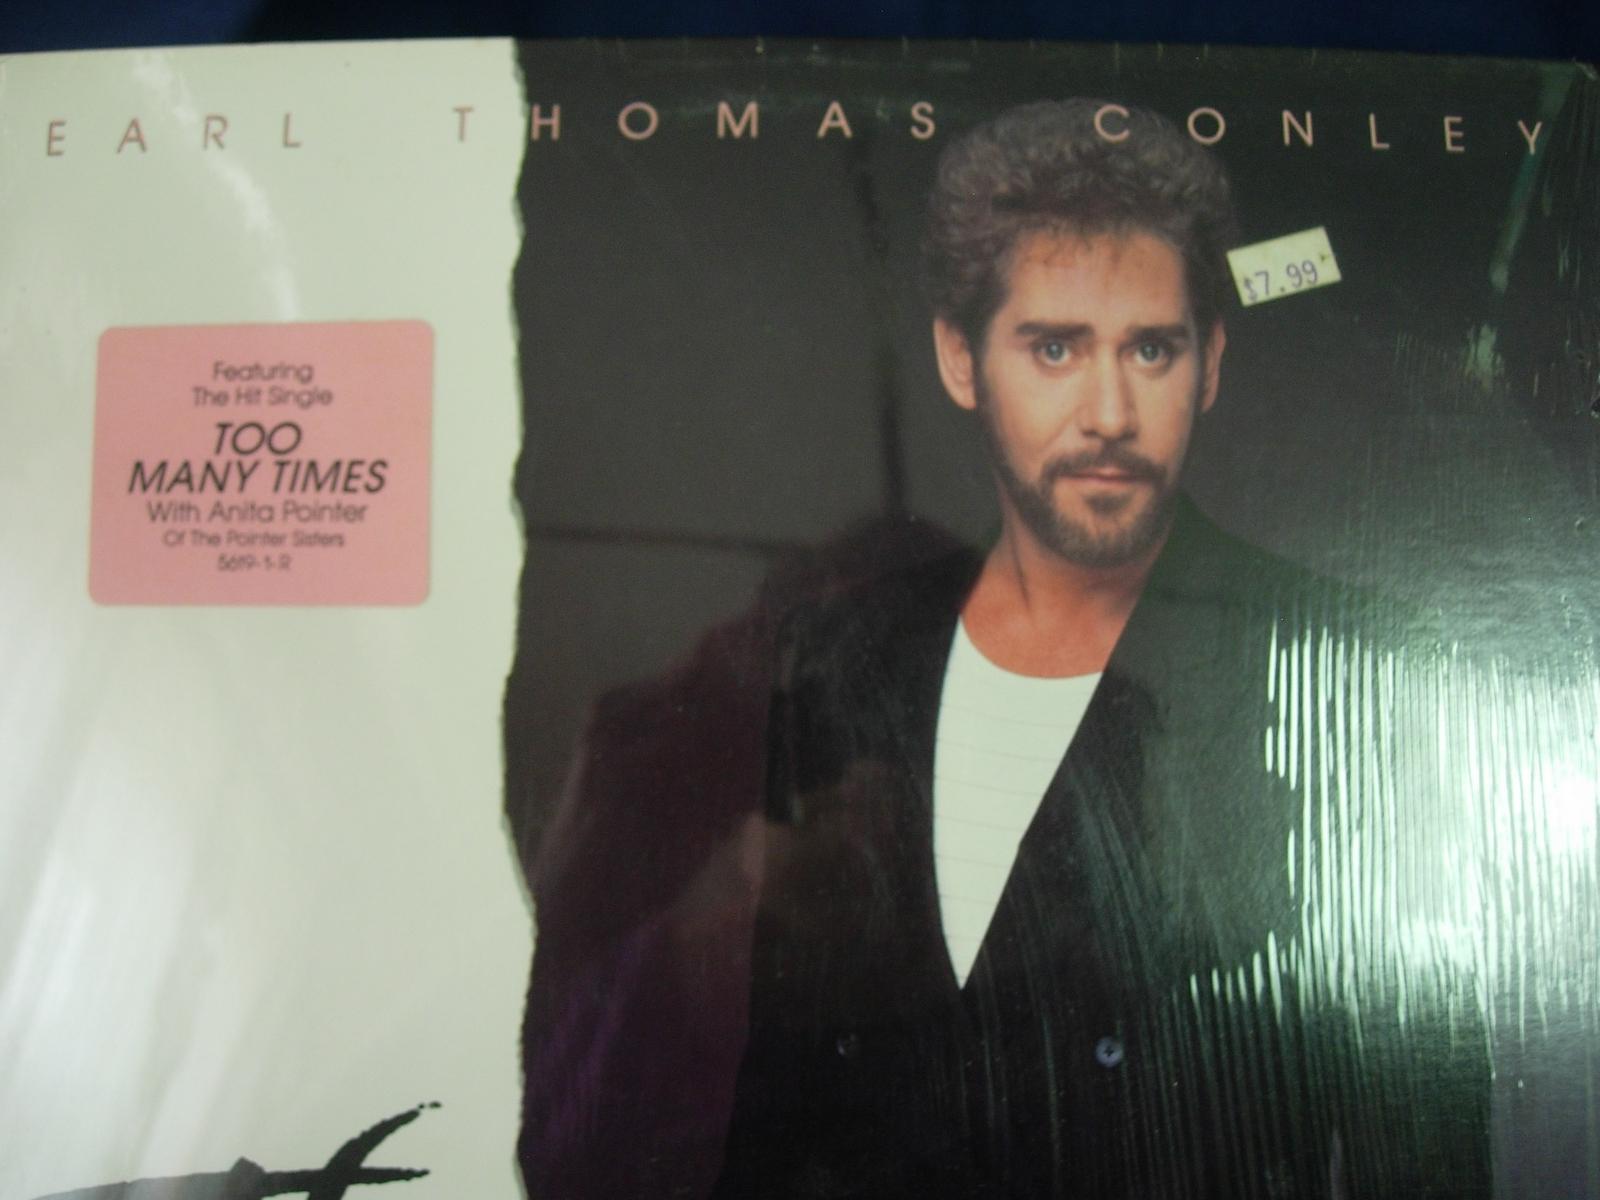 Earl Thomas Conley - ETC Too Many Times - RCA 5619-1-R